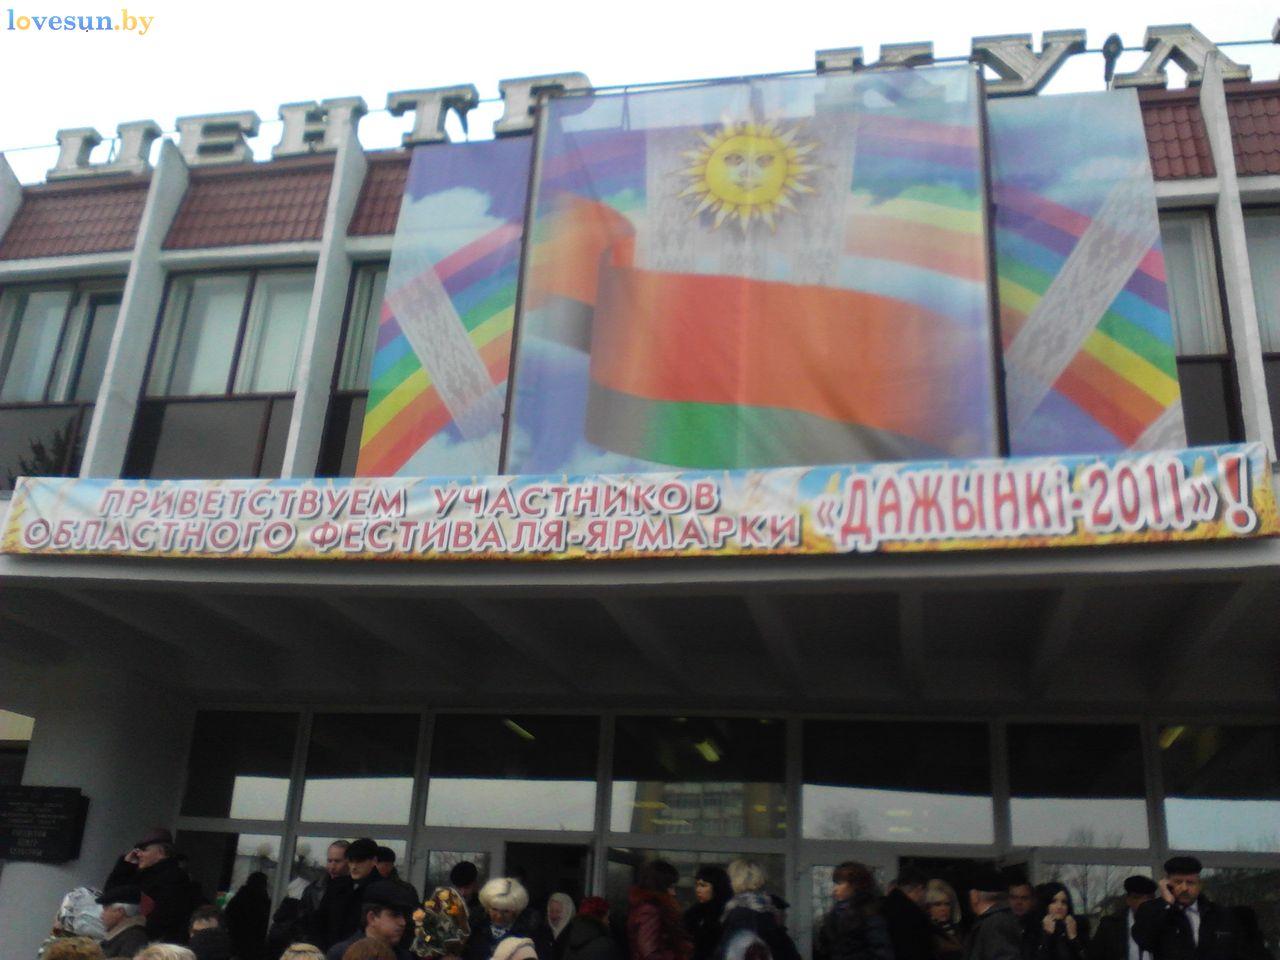 Областные дожинки 2011 в Светлогорске вывеска на ГЦК